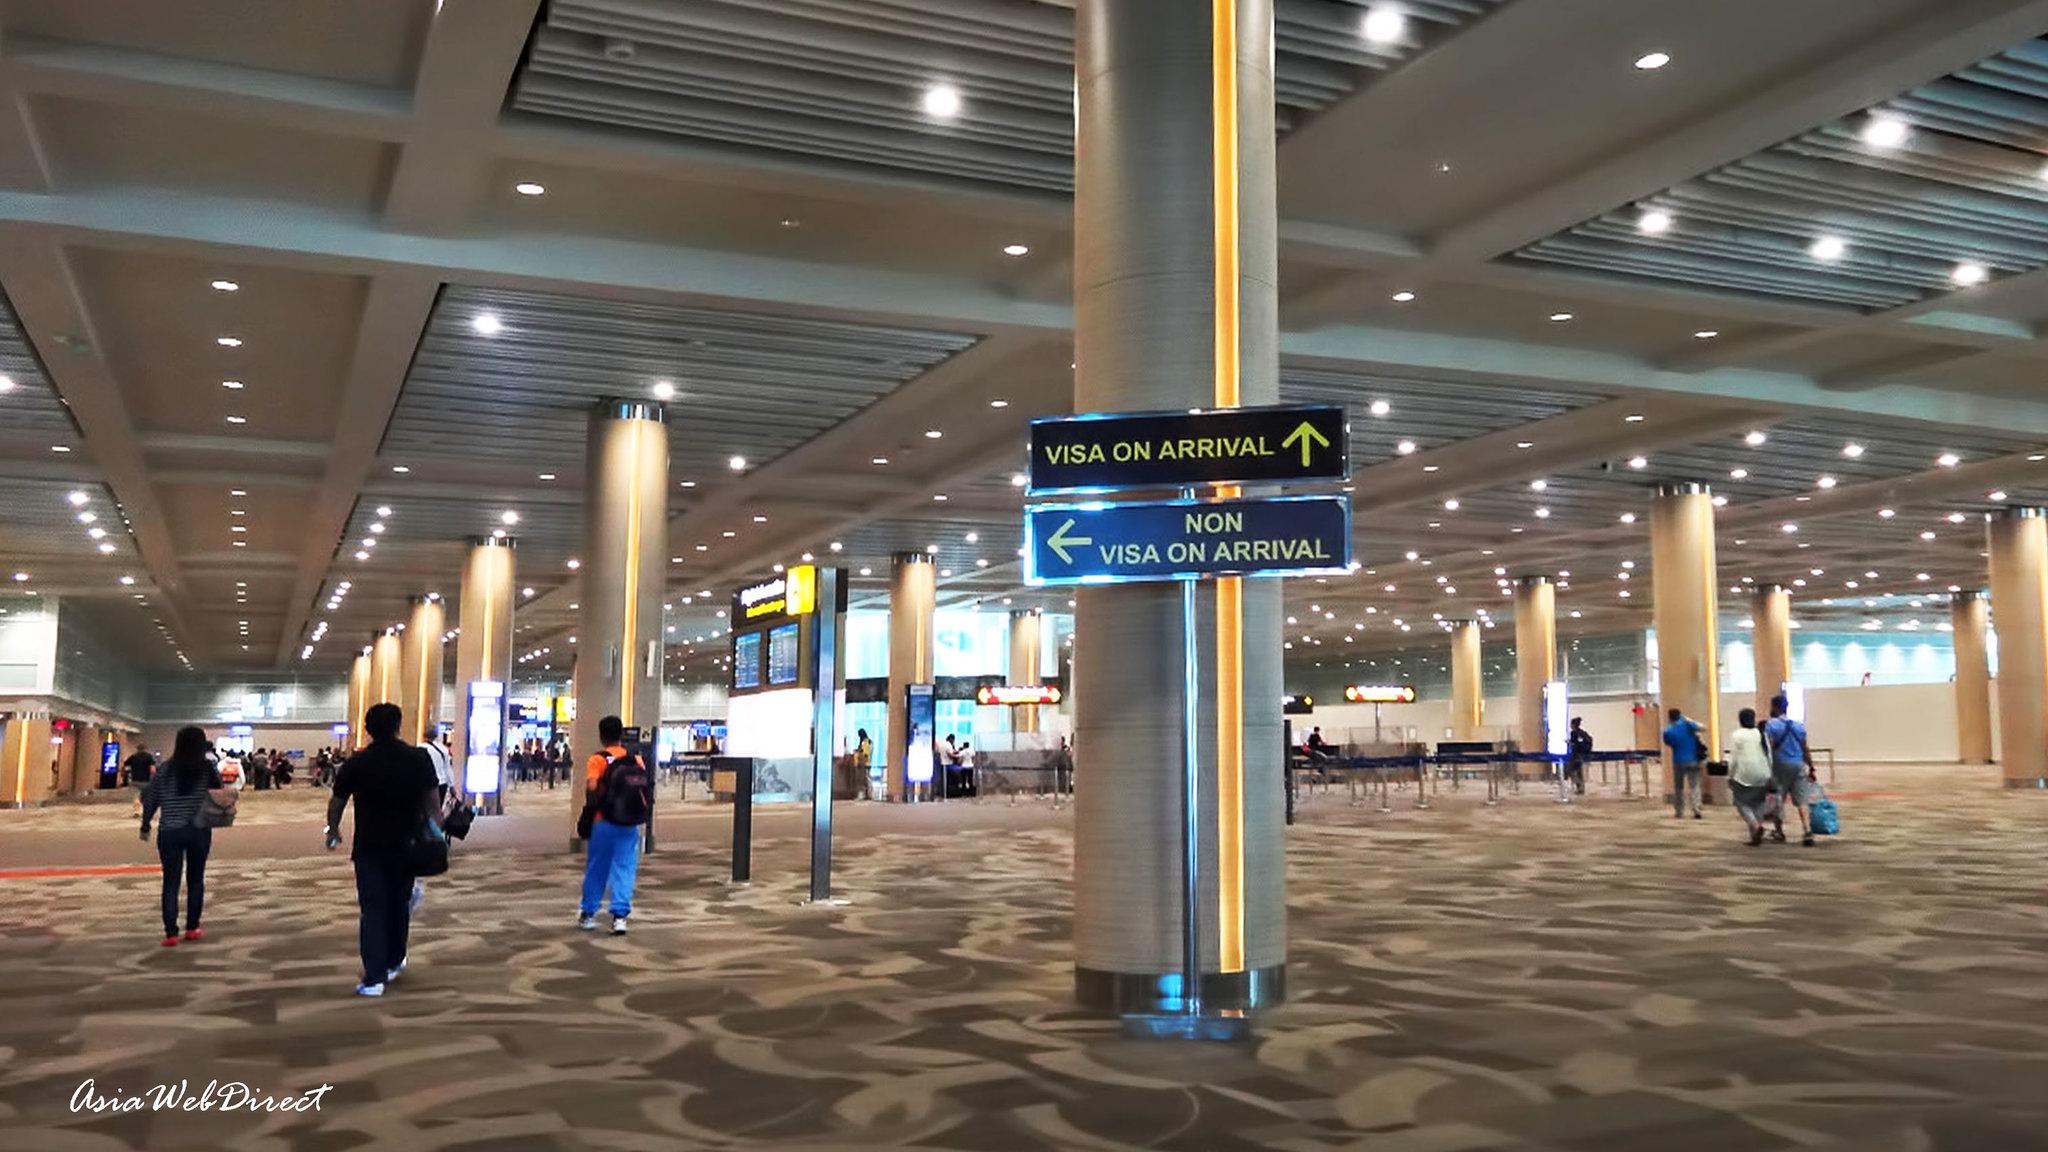 du lịch Bali-Ngurah Rai Airport Bali-ngaylangthang